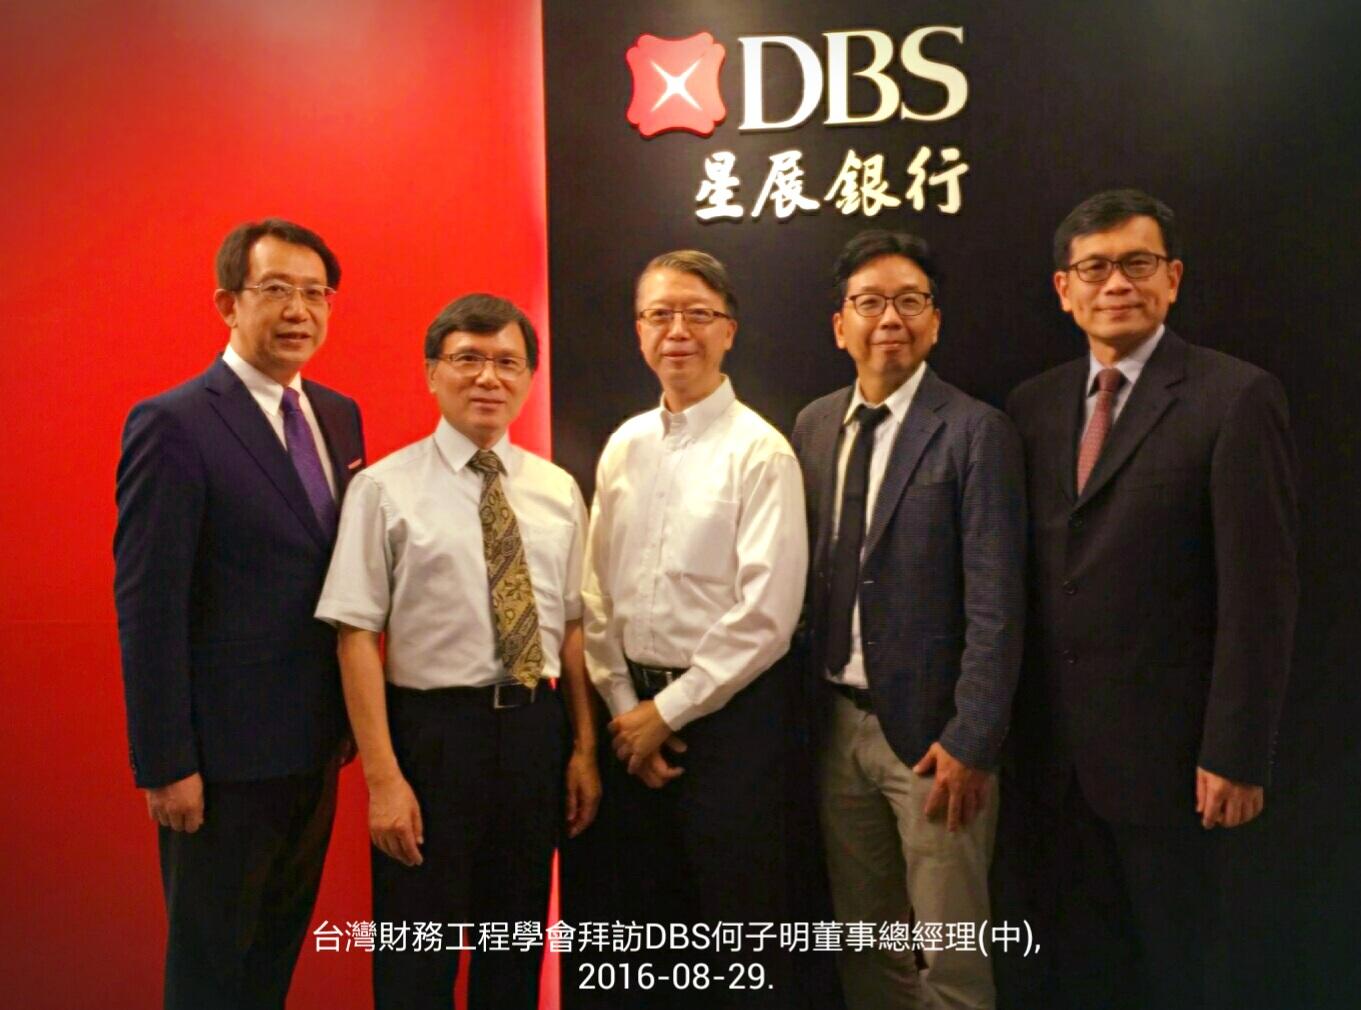 合照 DBS.jpg